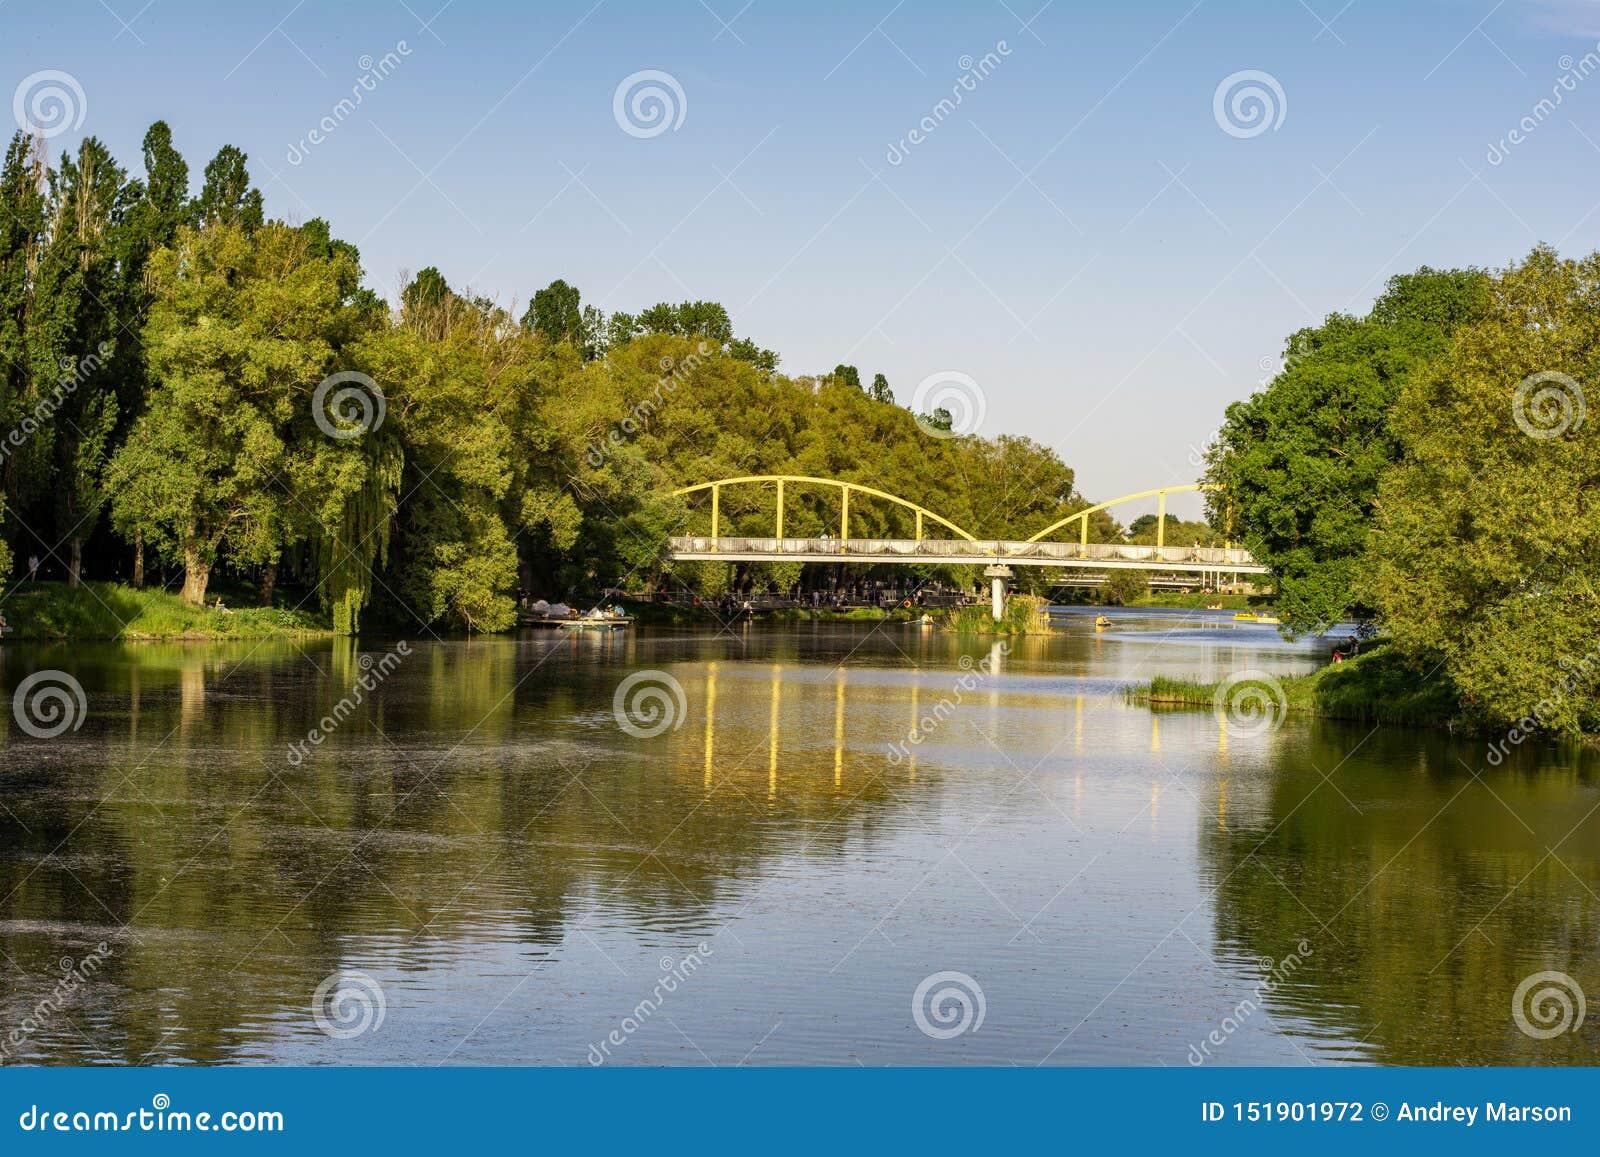 Groen park met bomen en rivier Zonnige vakantie